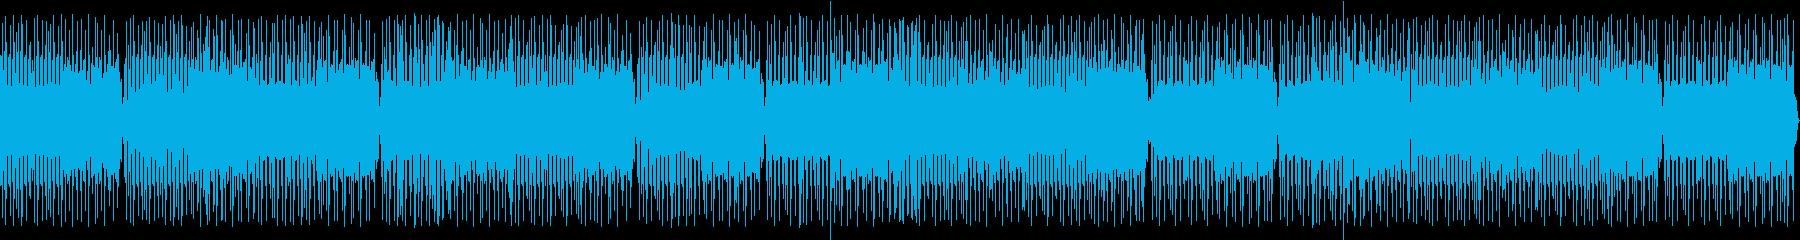 喋り動画用_サイケなハウス系ビートBGMの再生済みの波形